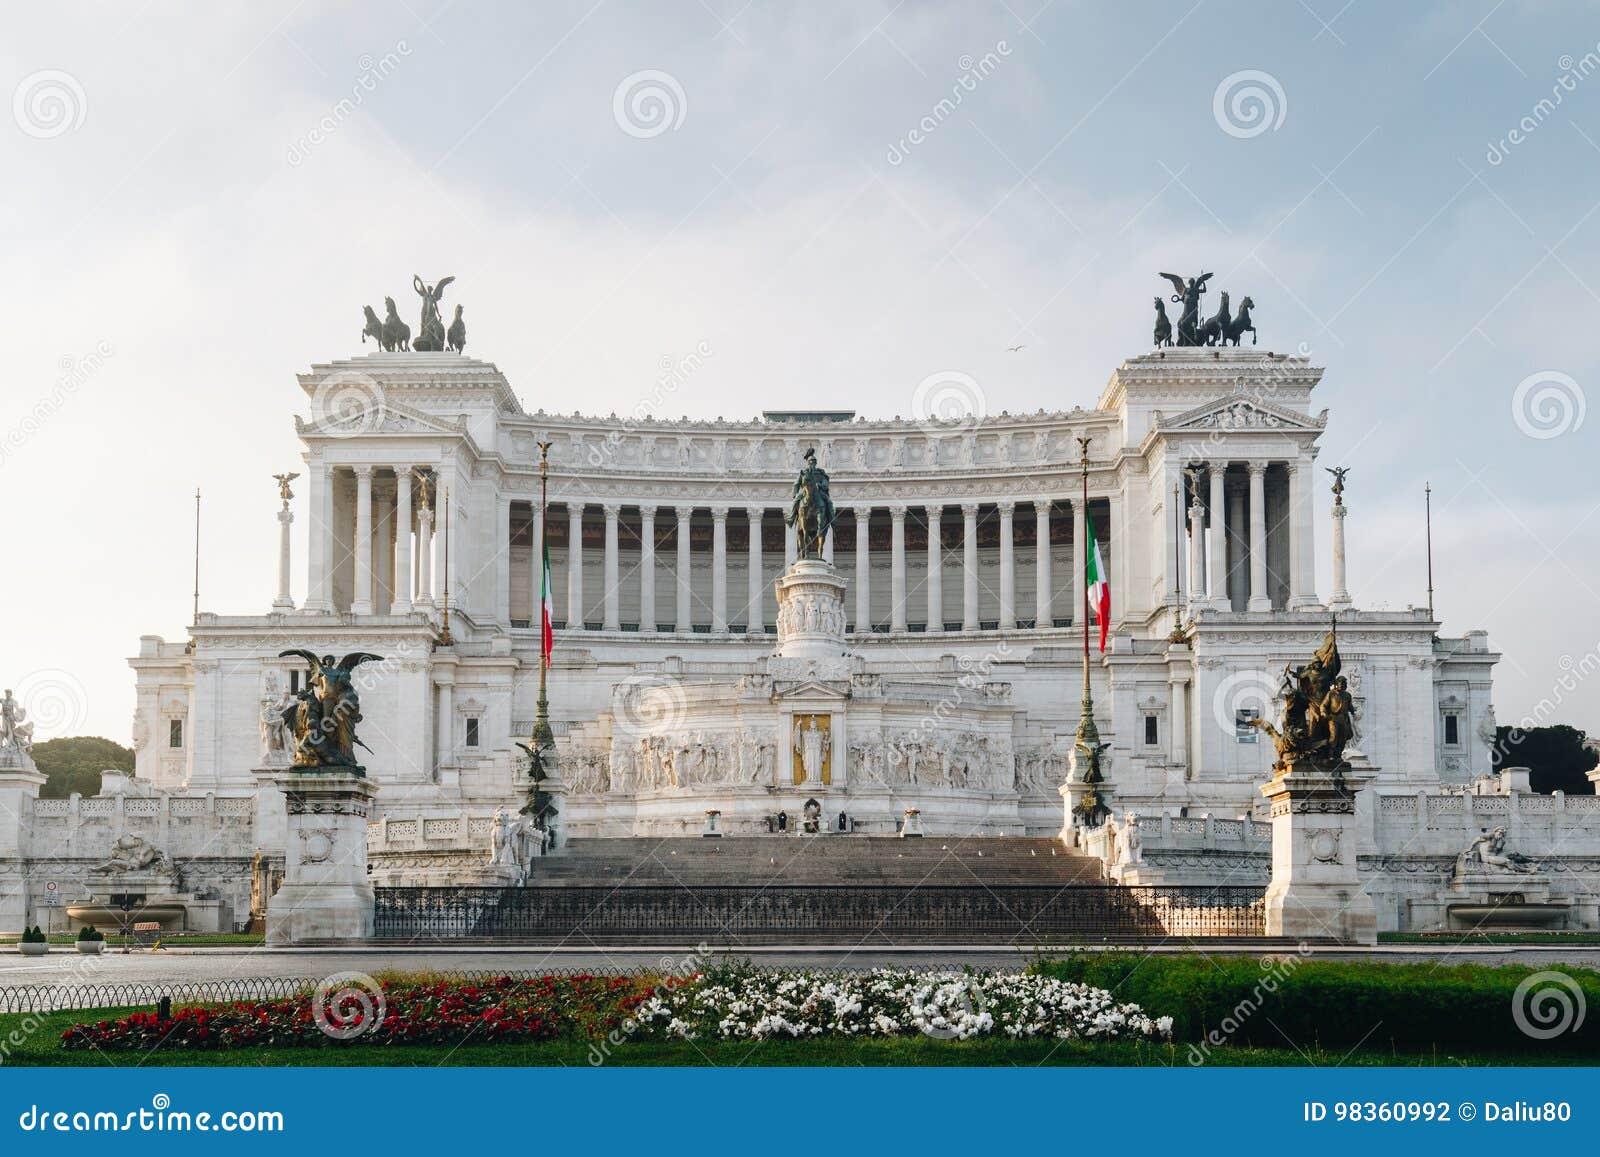 Beautiful Altar Of The Fatherland (Altare della Patria, known as